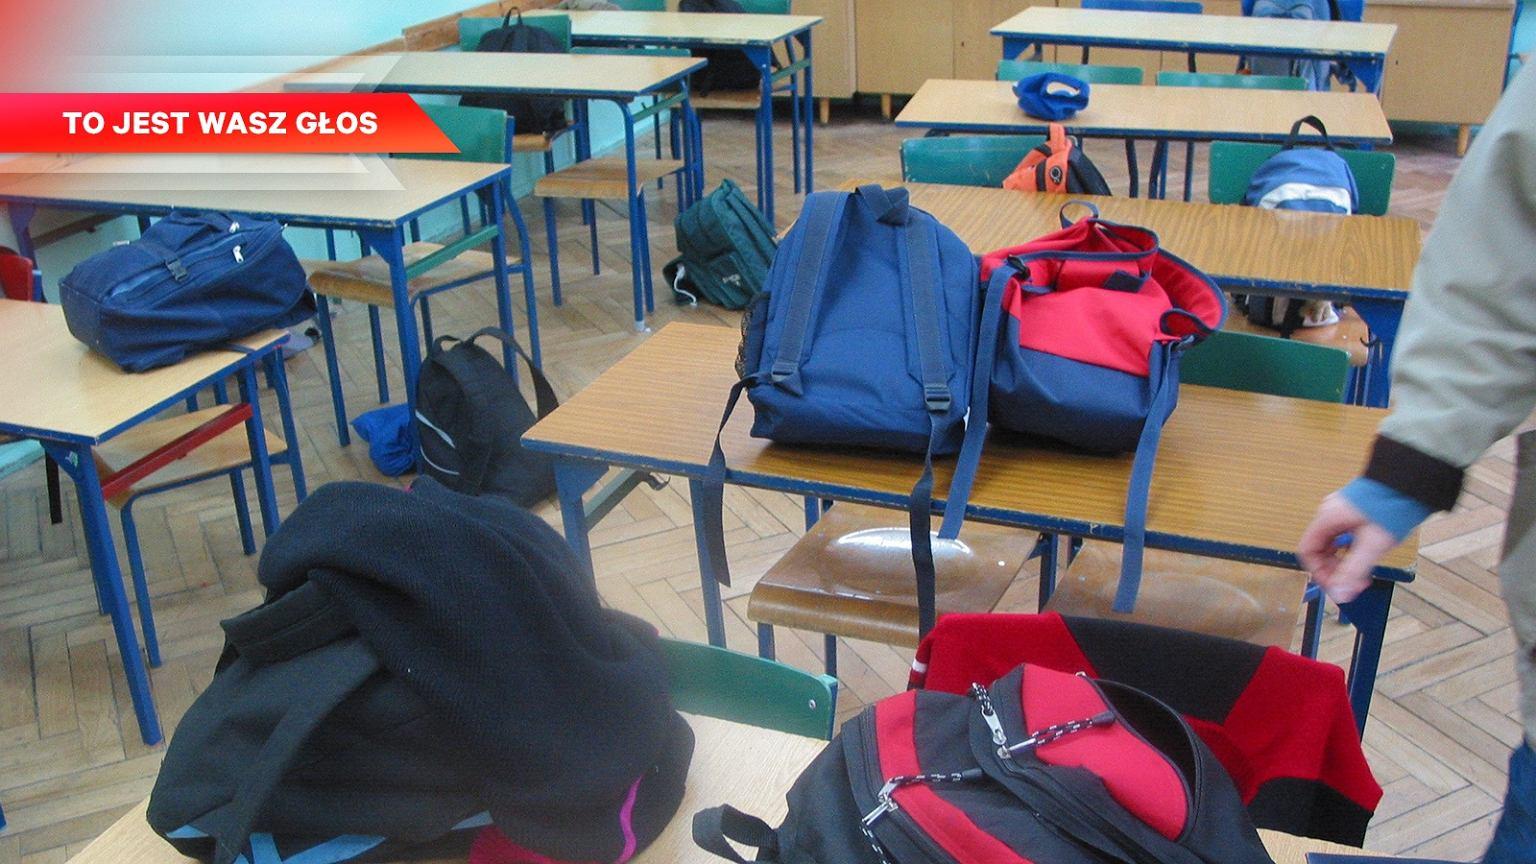 13ba45085771a 'Plecak mojego syna w 7 klasie waży średnio 7 kg. Potrafi więcej. Hucpa  polityczna kosztem dzieci.'